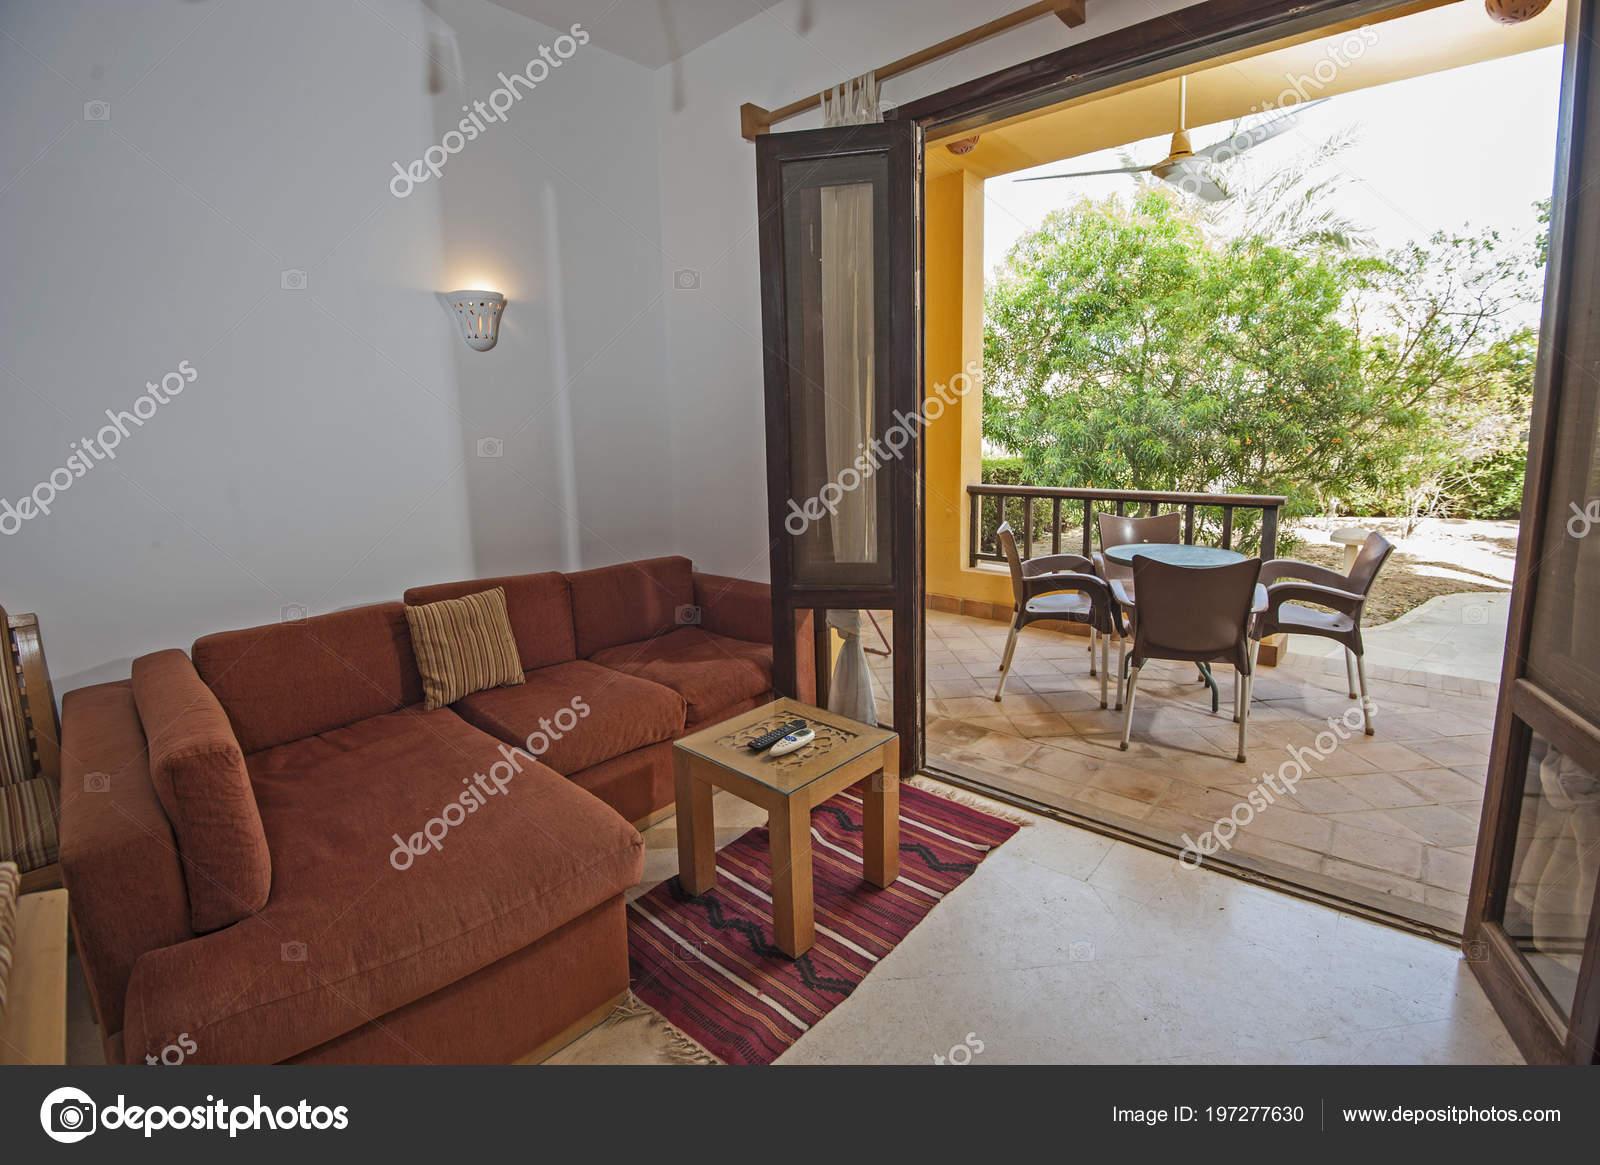 Wohnzimmer Lounge Luxus Appartement Zeigen Nach Hause Zeigen ...